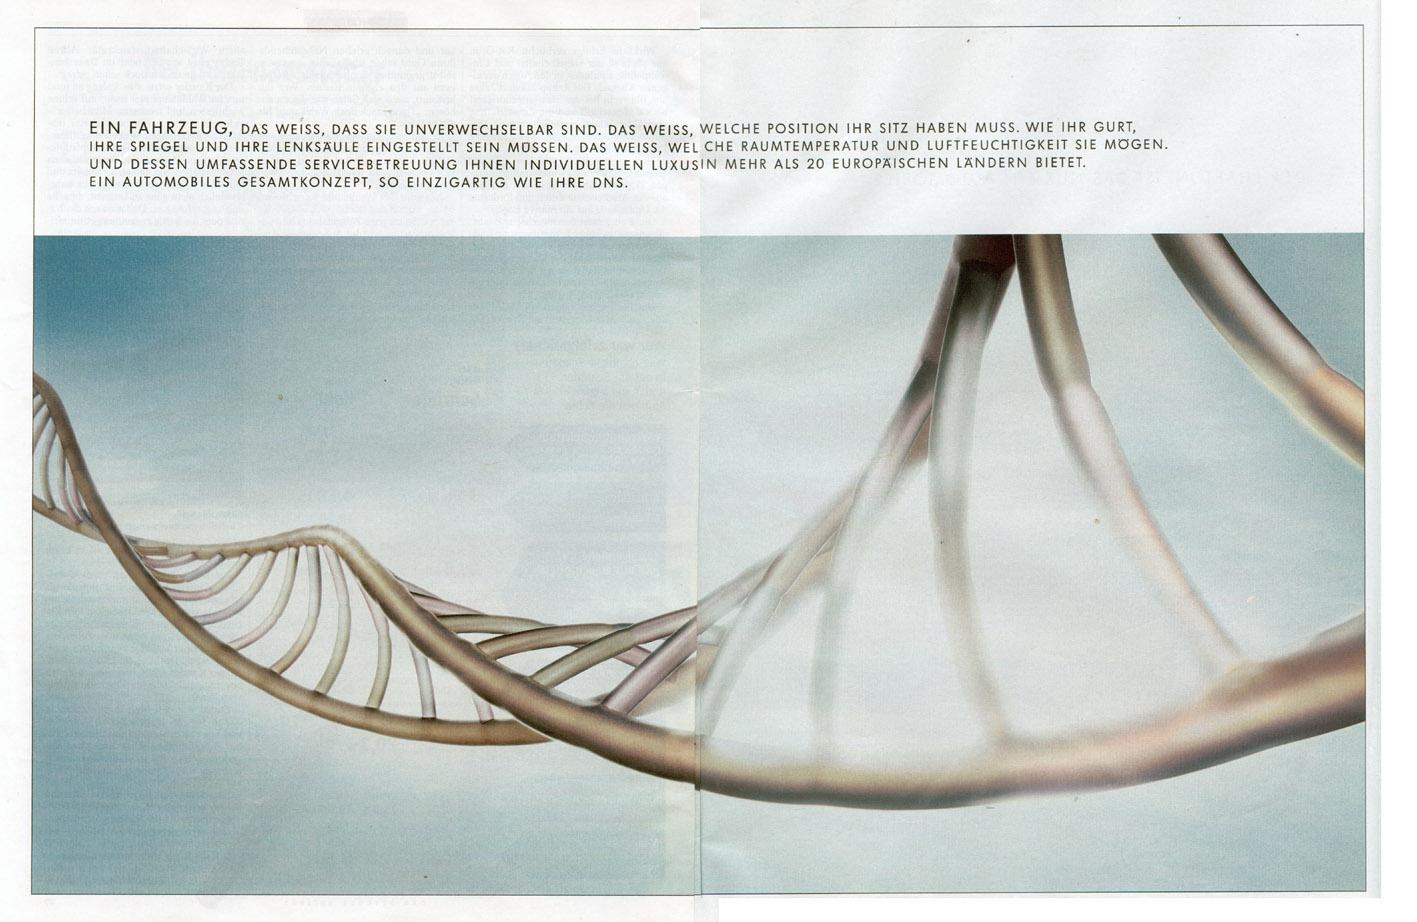 Werbeanzeige von Volkswagen, in: DER SPIEGEL Nr. 30/2002, S. 28-31.